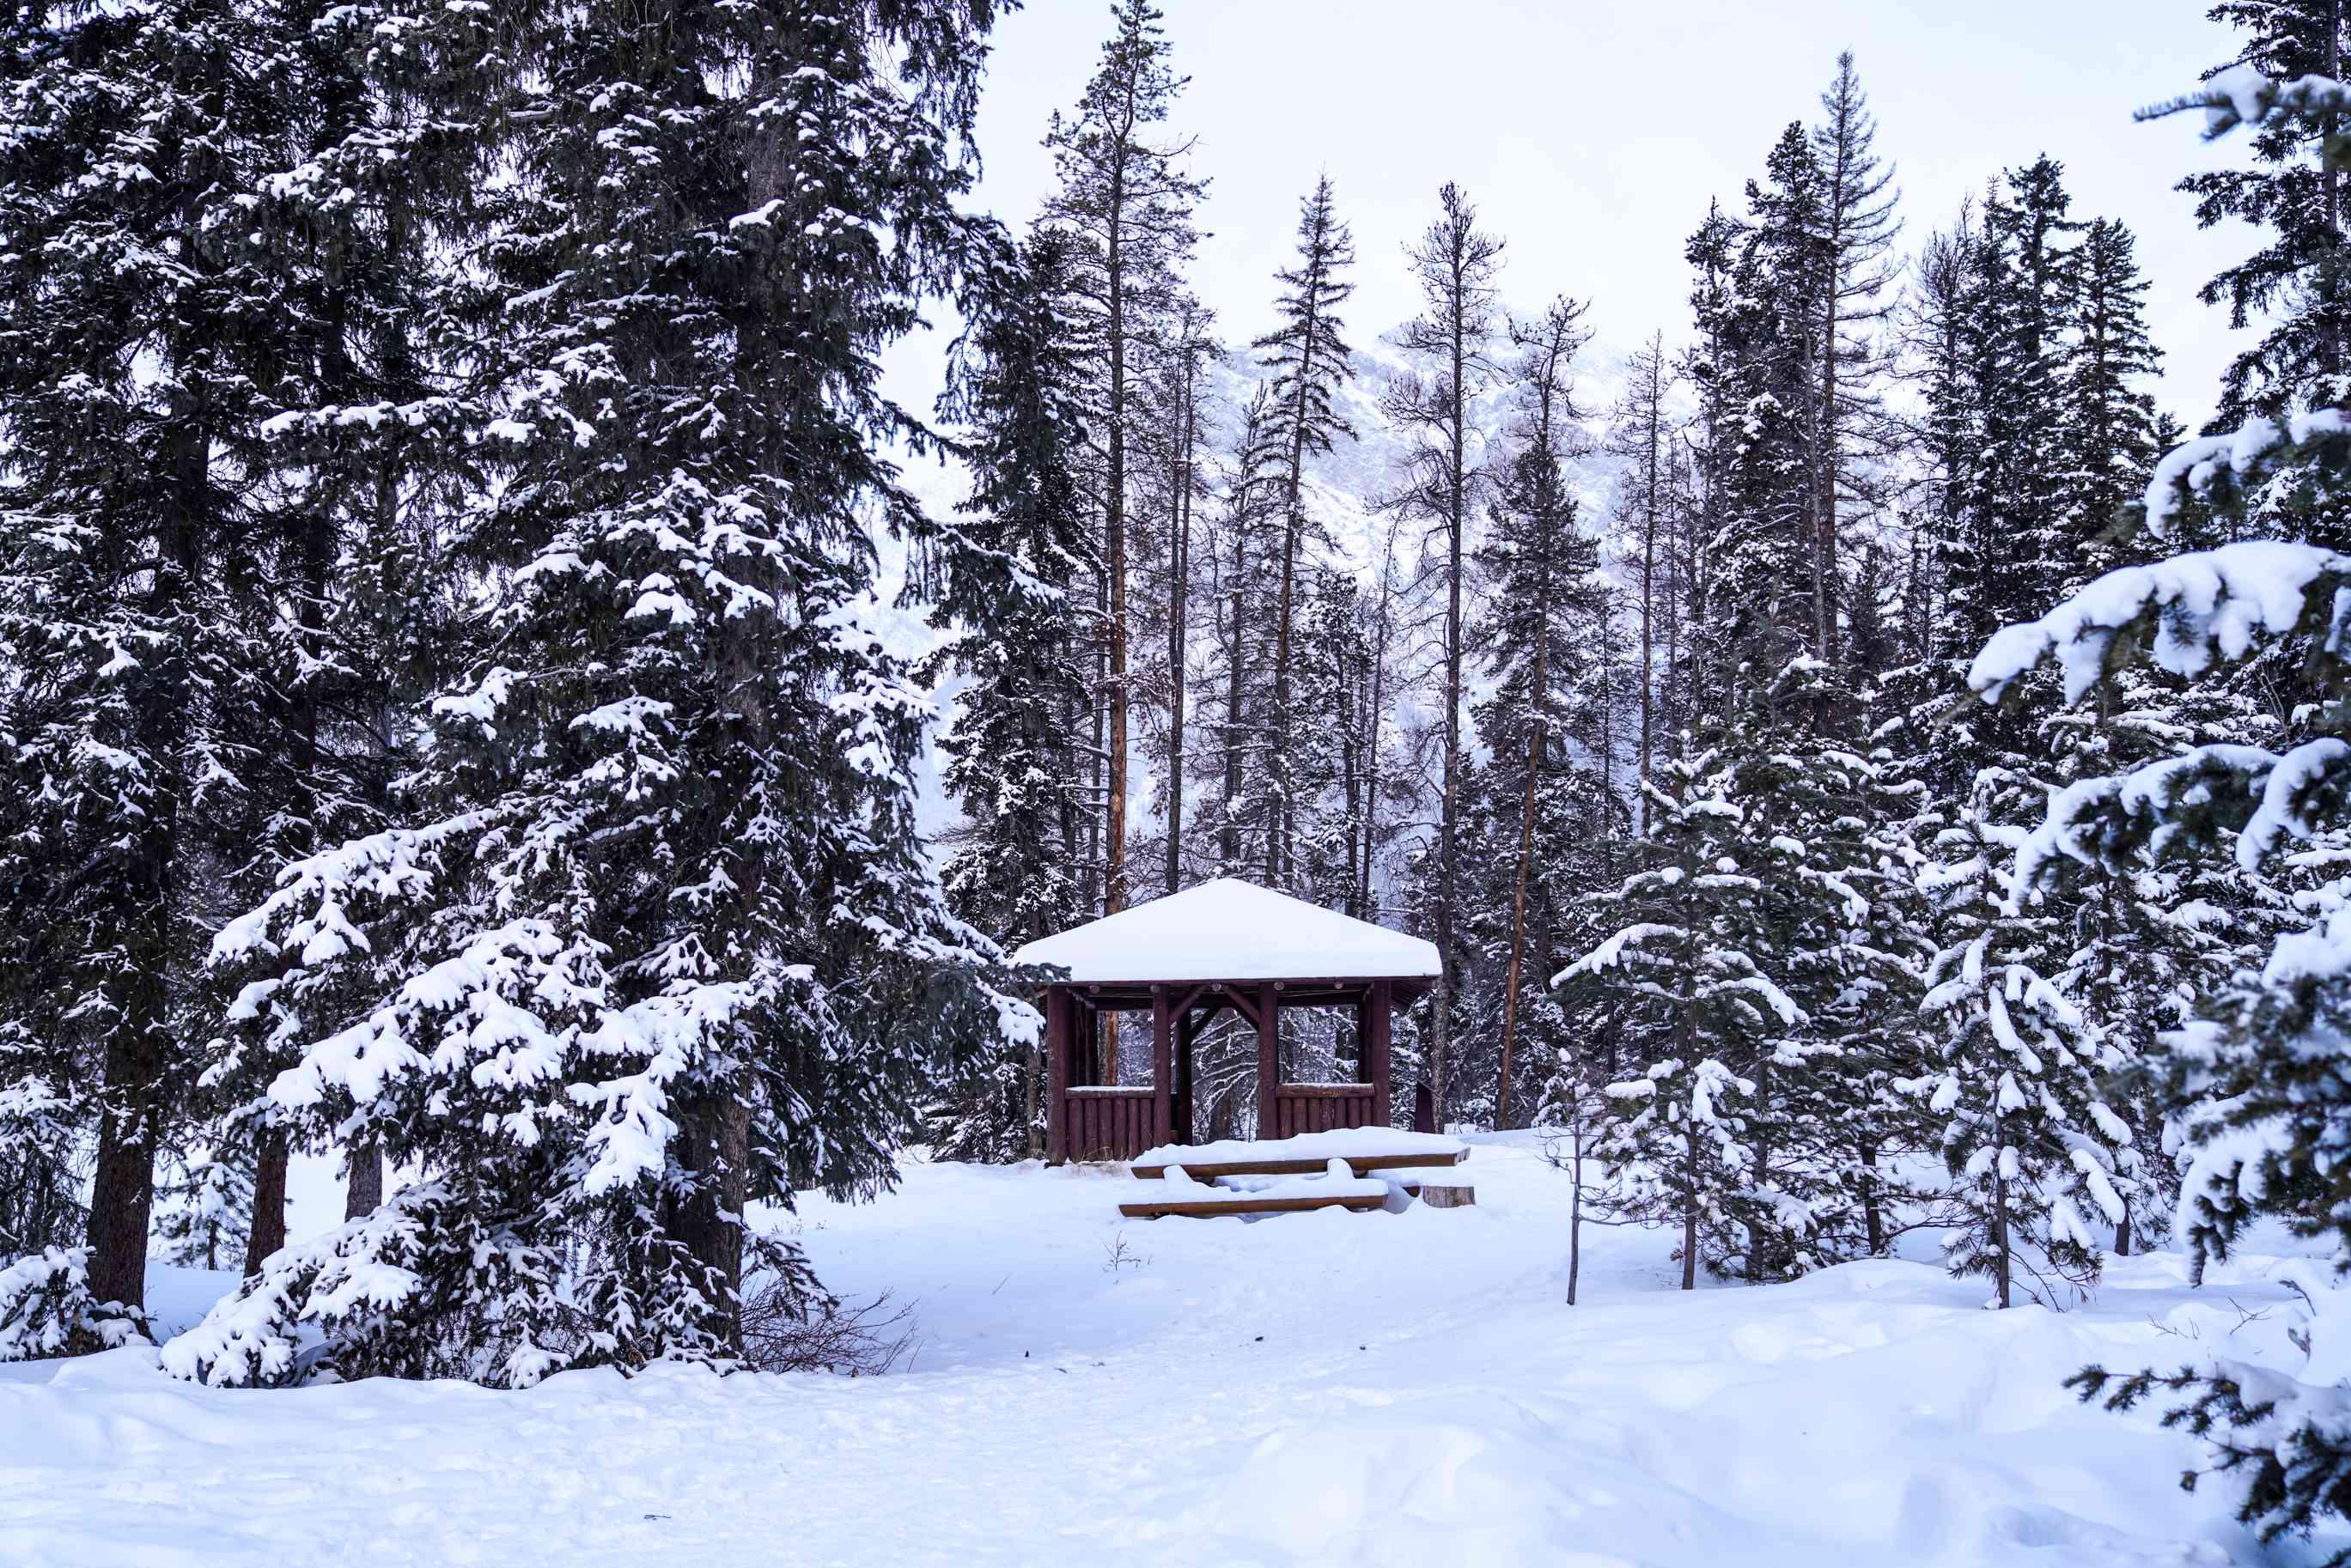 A snowy gazebo in Jasper